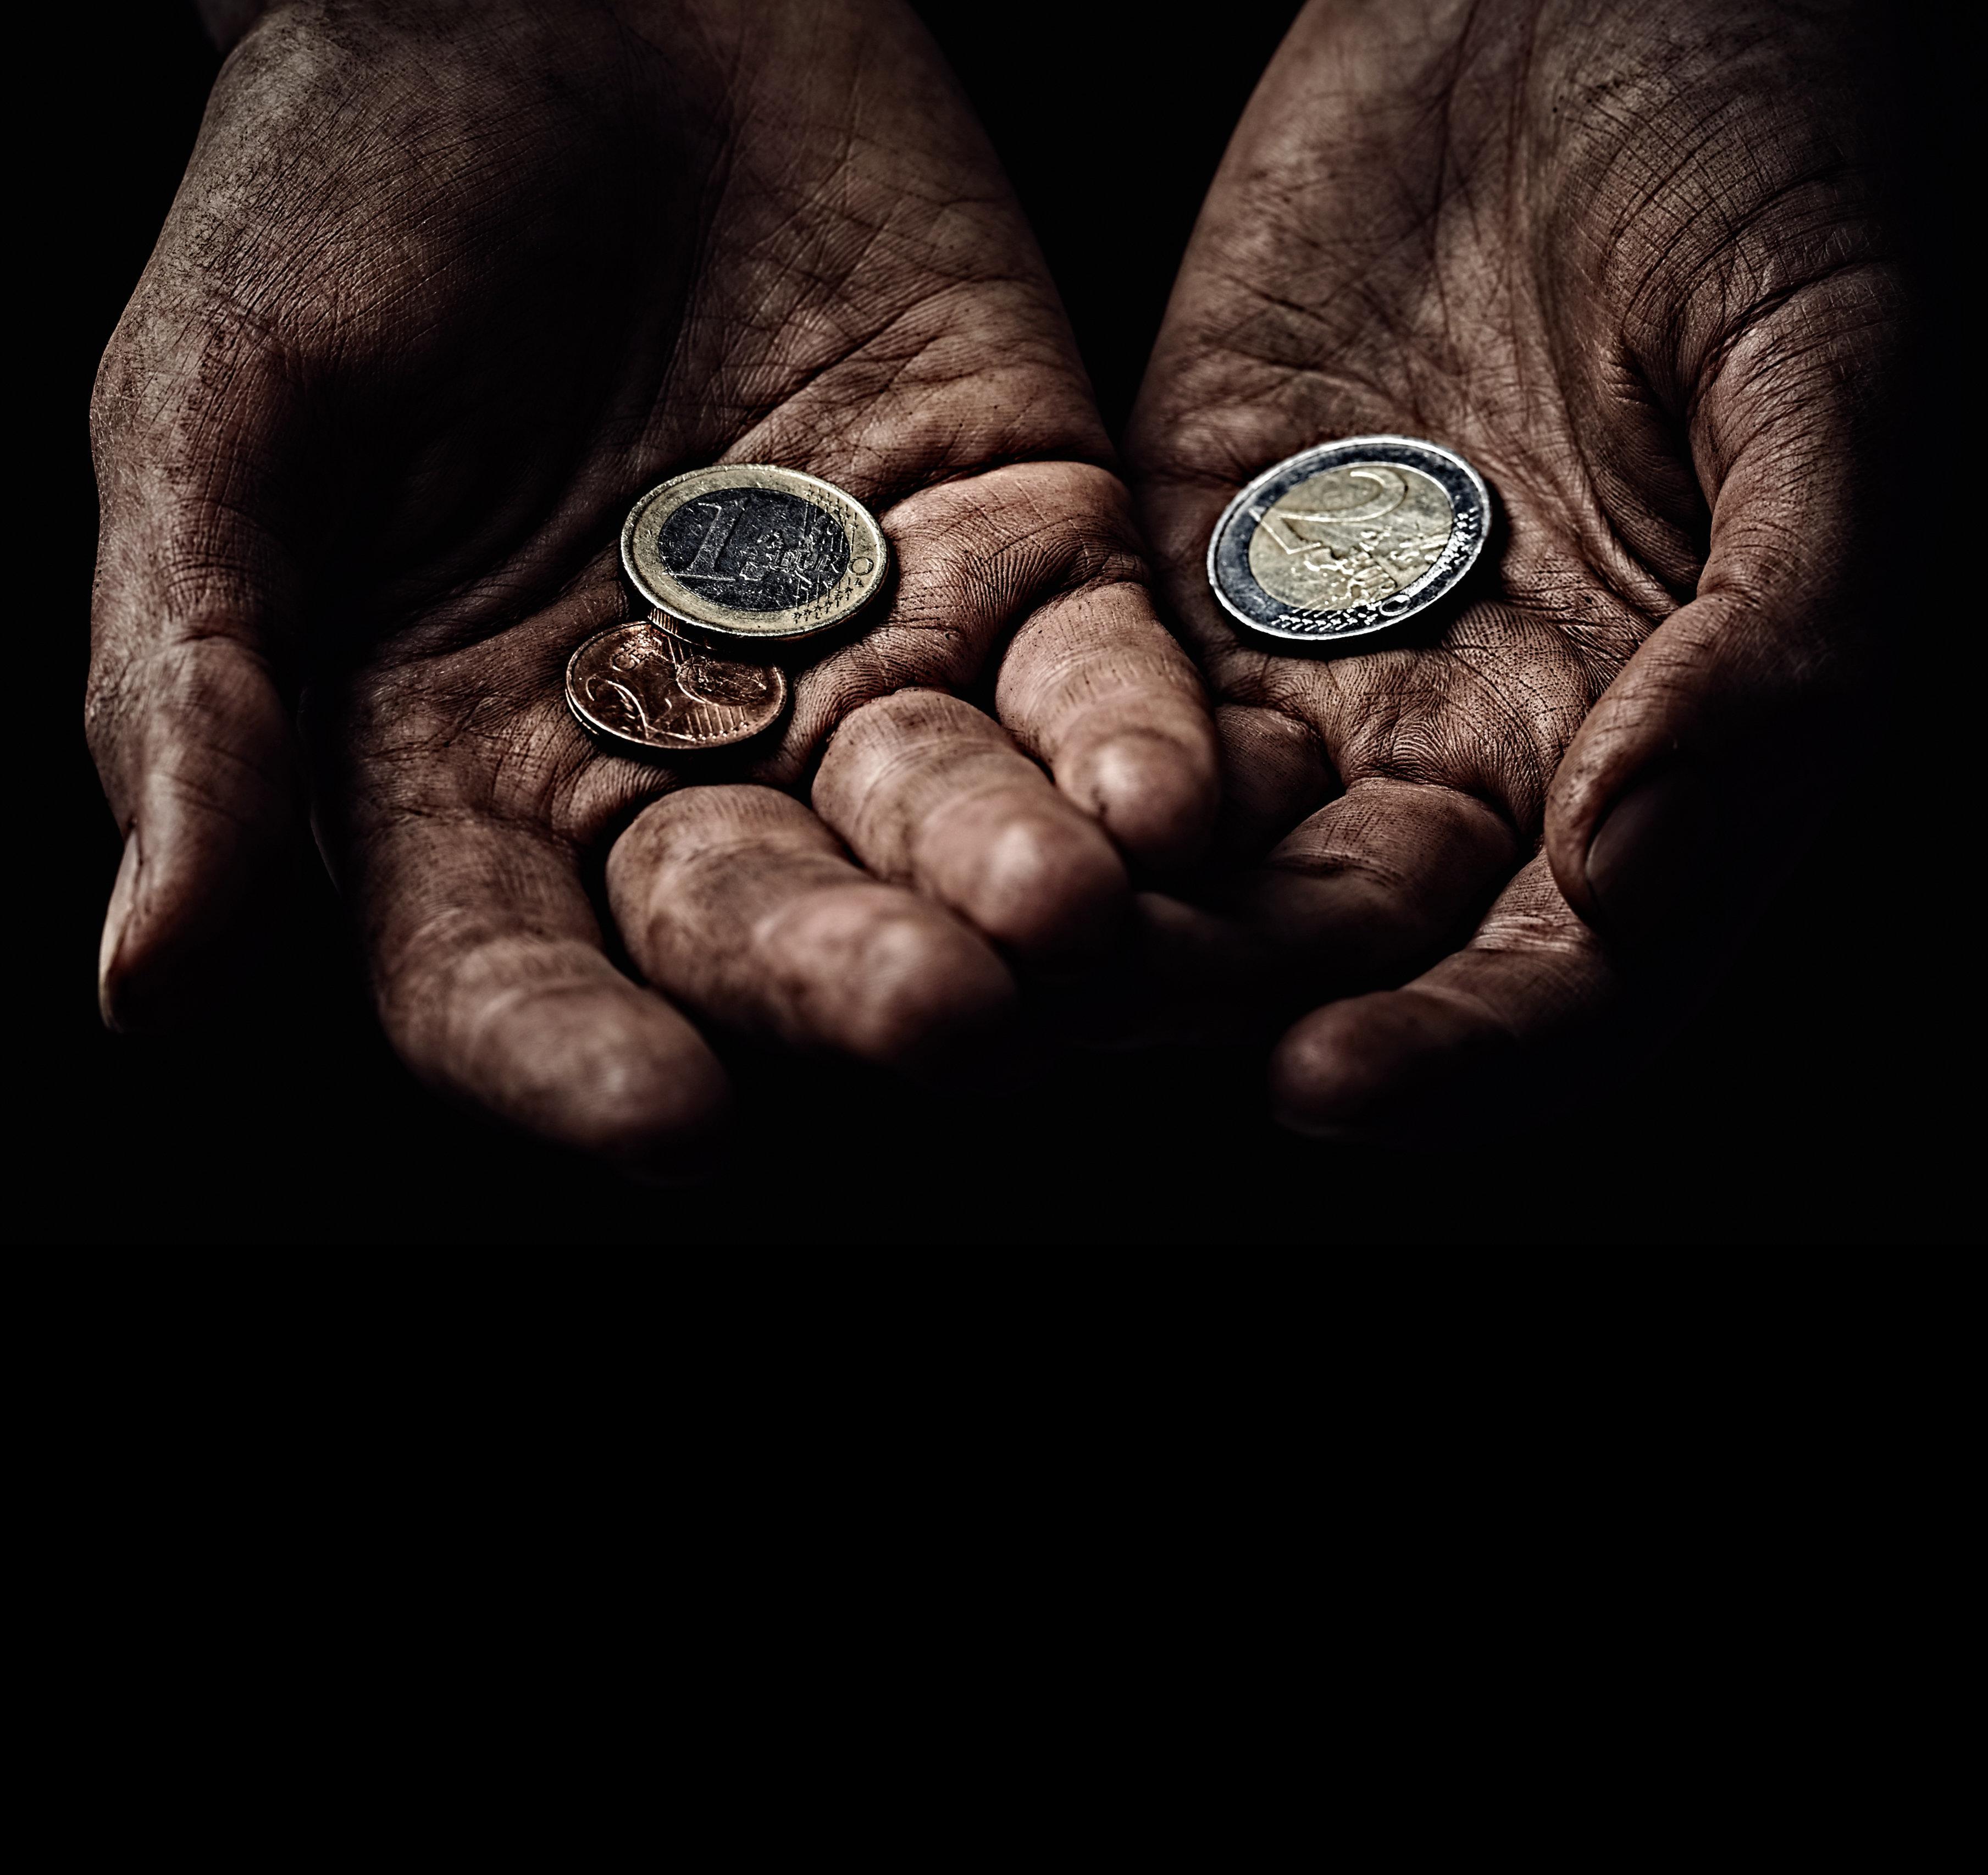 가장 돈 많은 26명의 재산이 가장 가난한 38억 명의 재산과